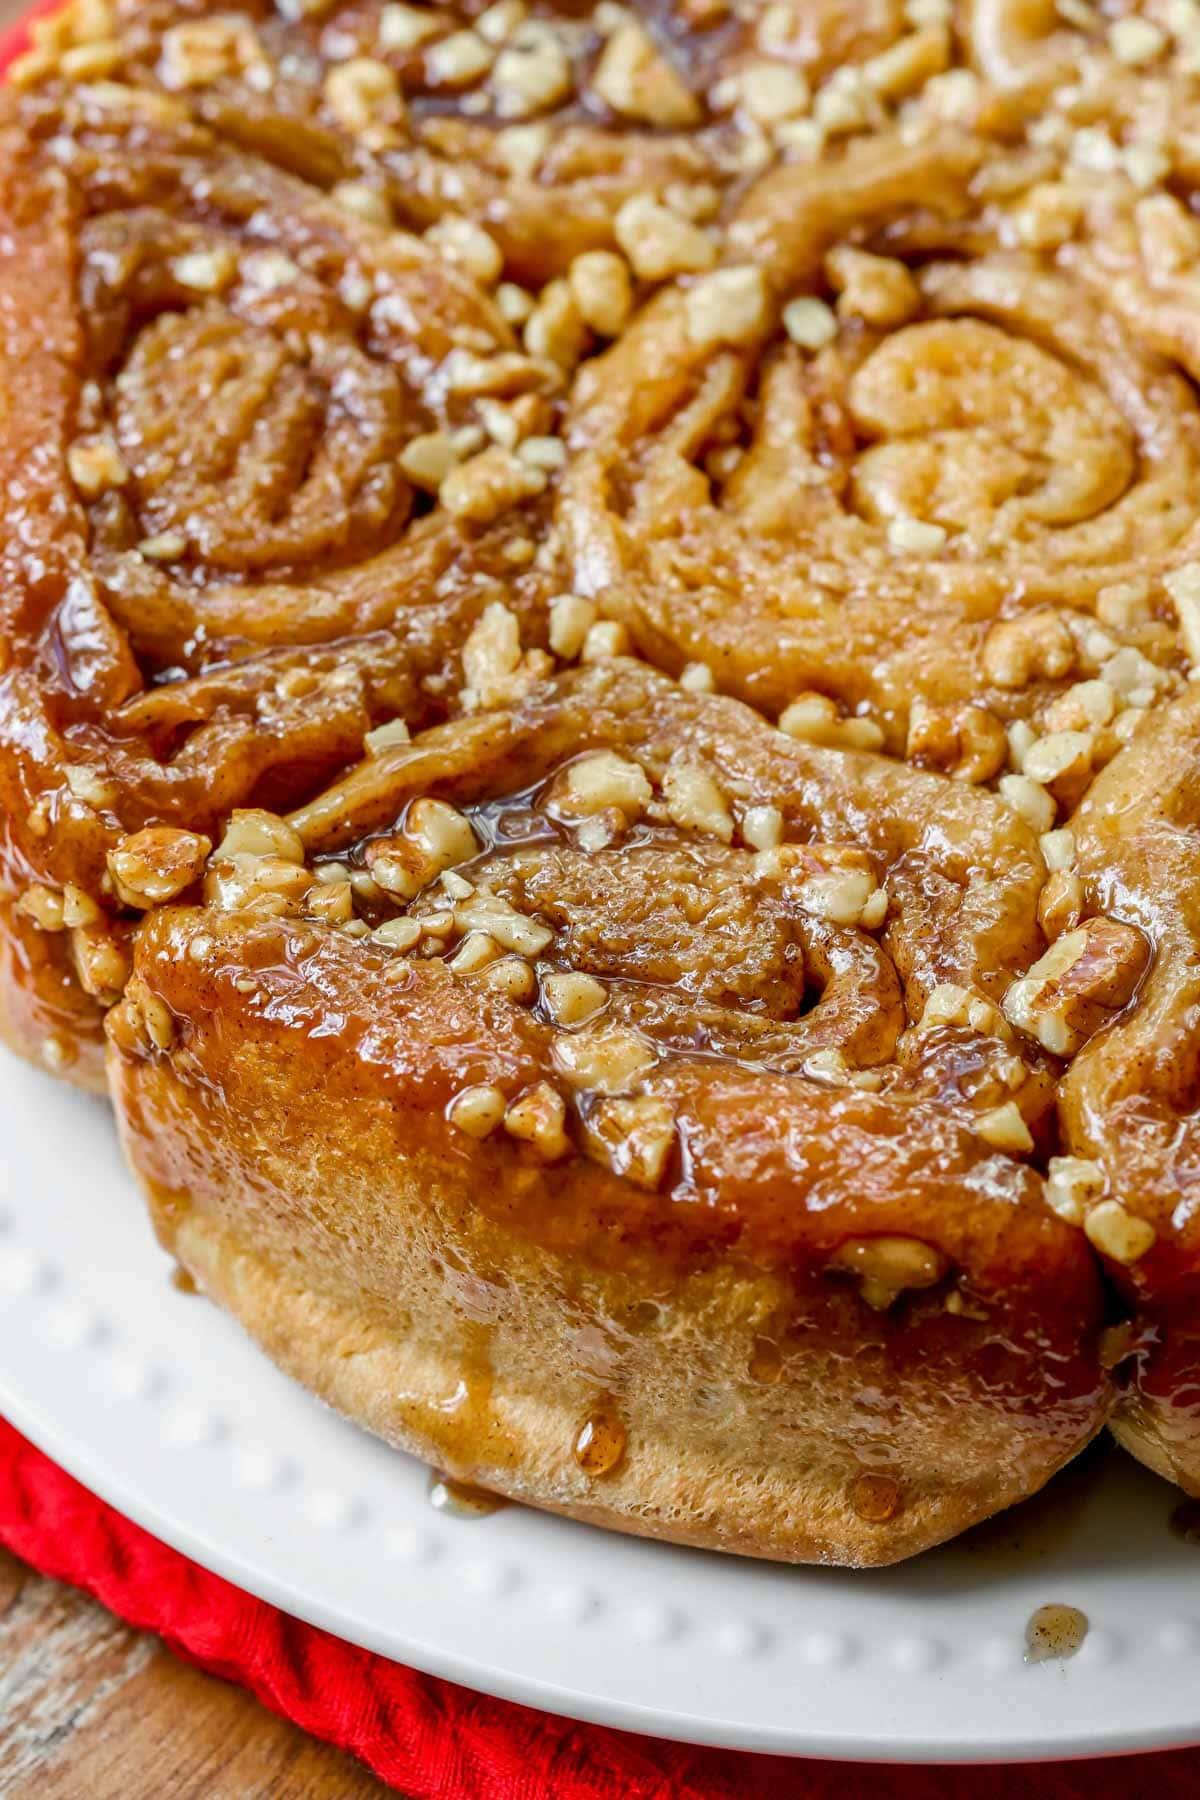 Sticky walnut buns served on a white plate